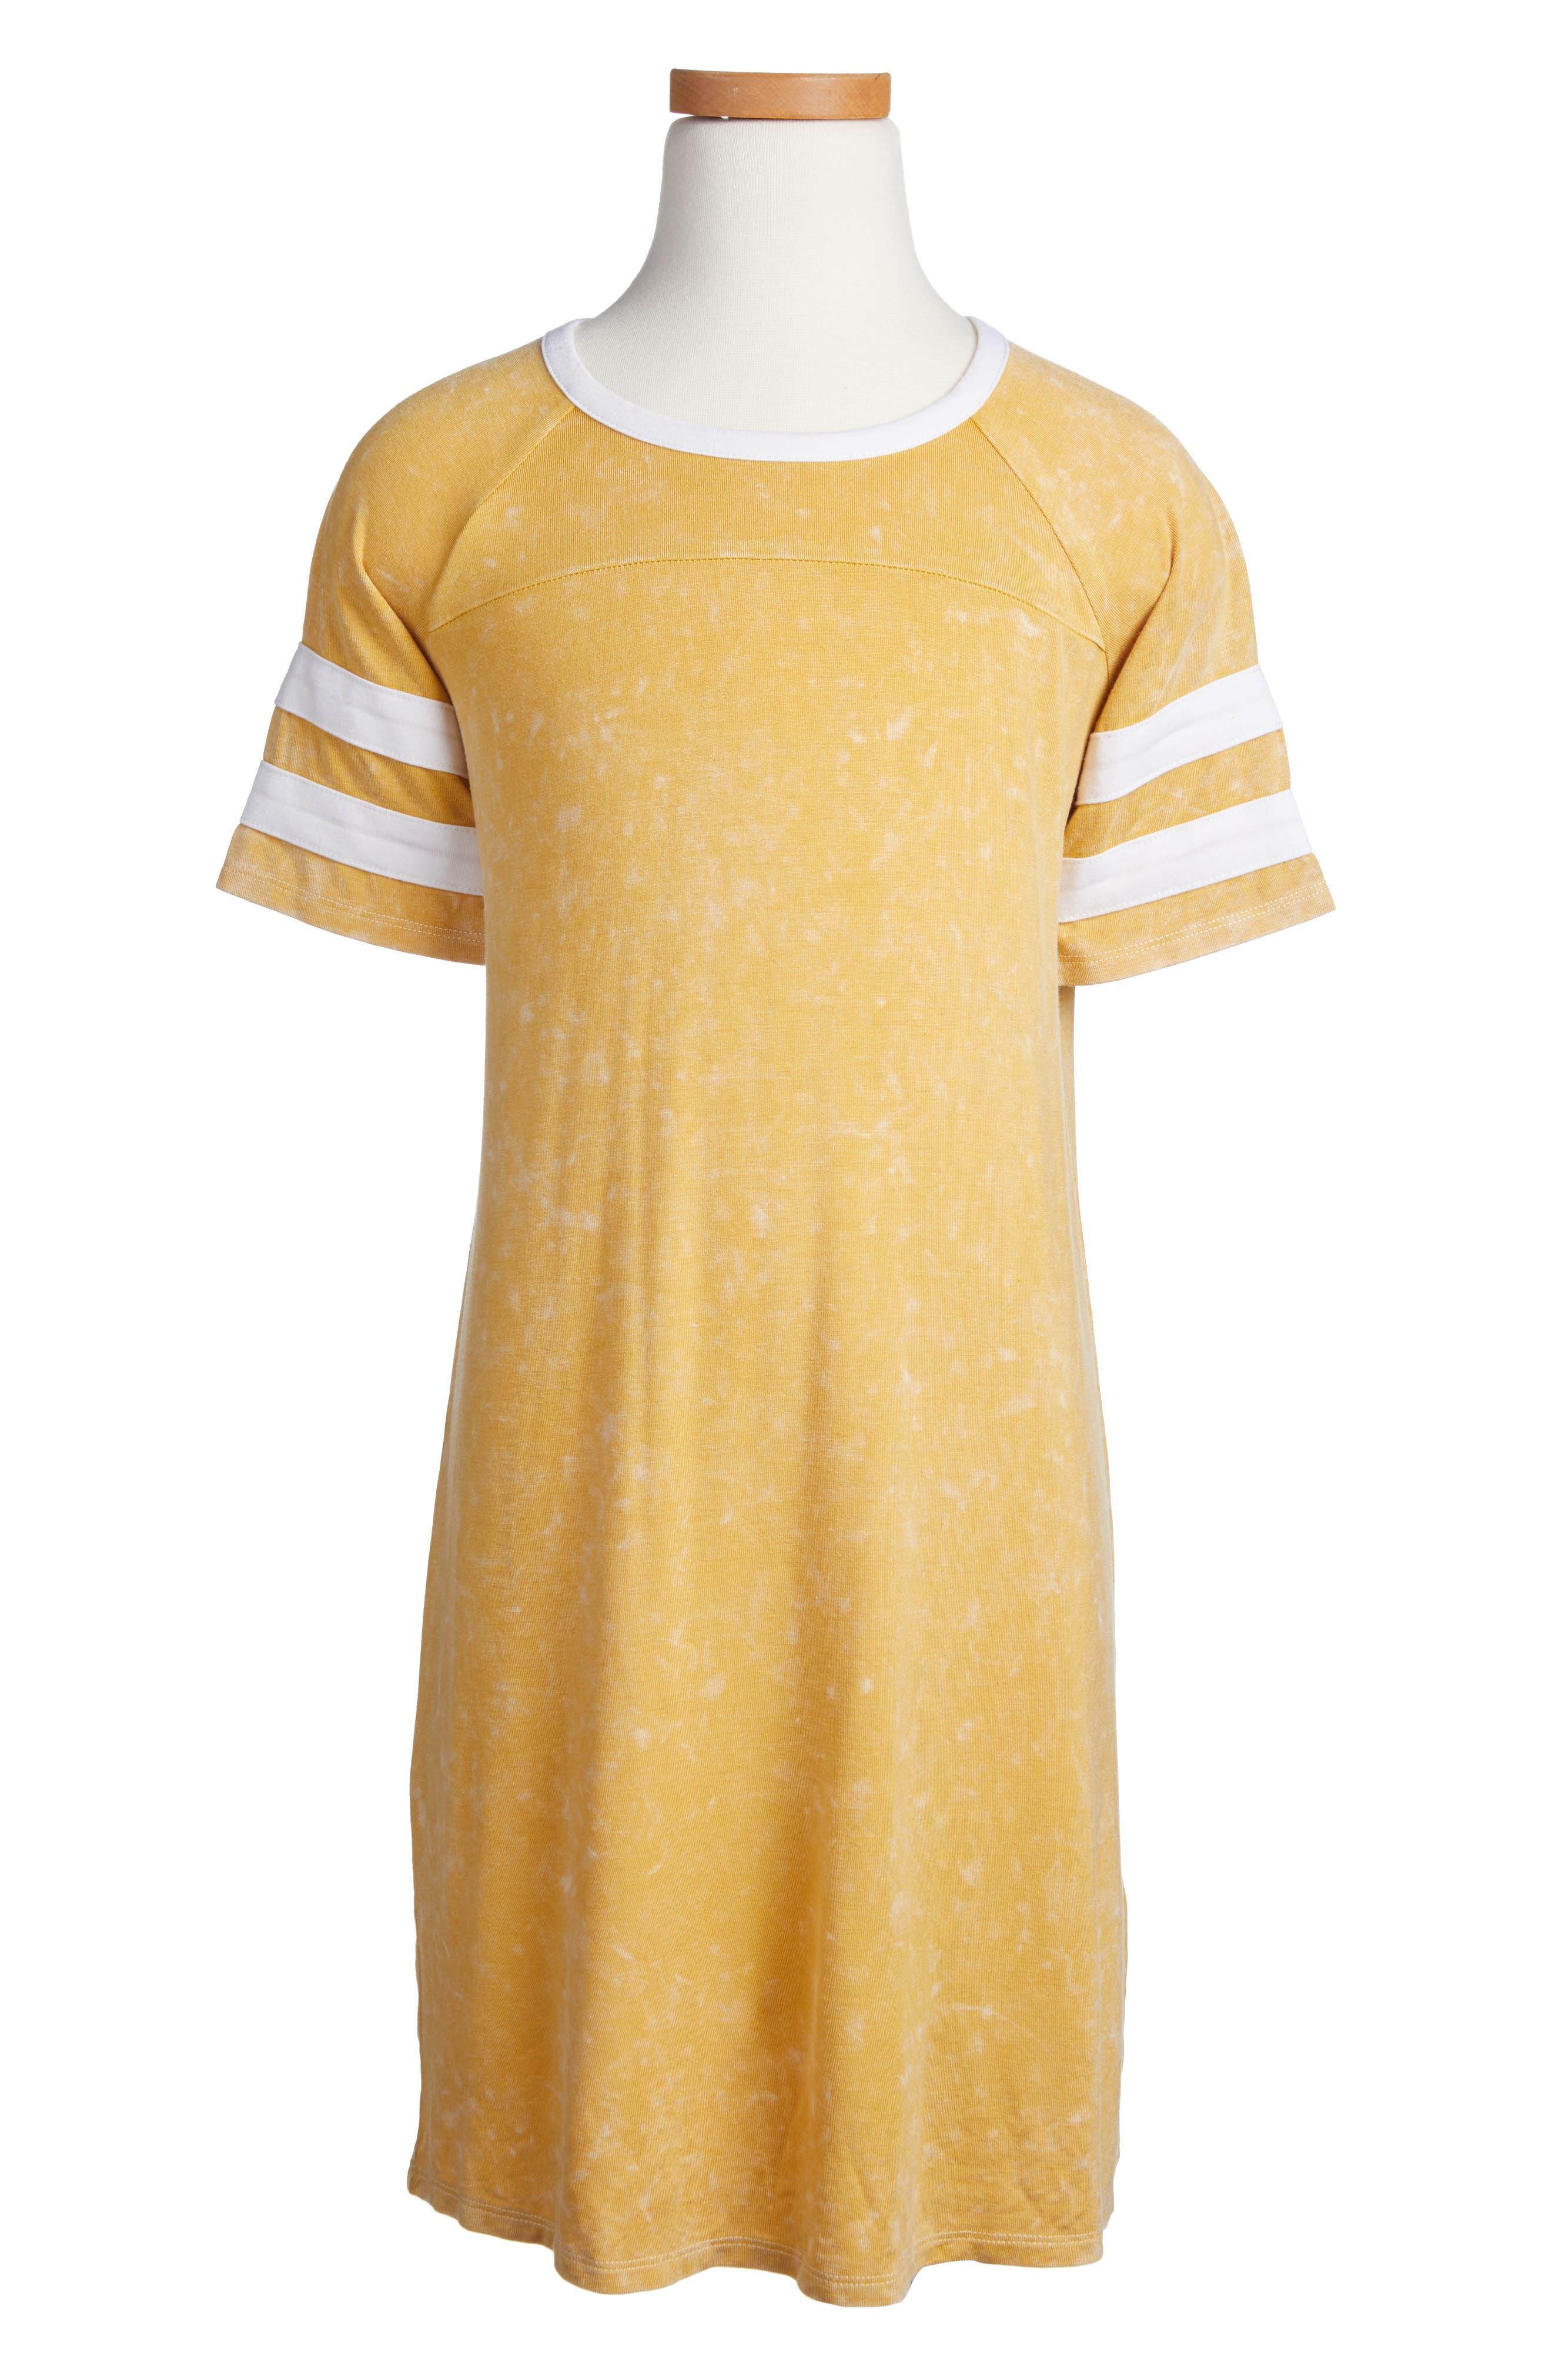 LOVE, FIRE Mineral Wash T-Shirt Dress